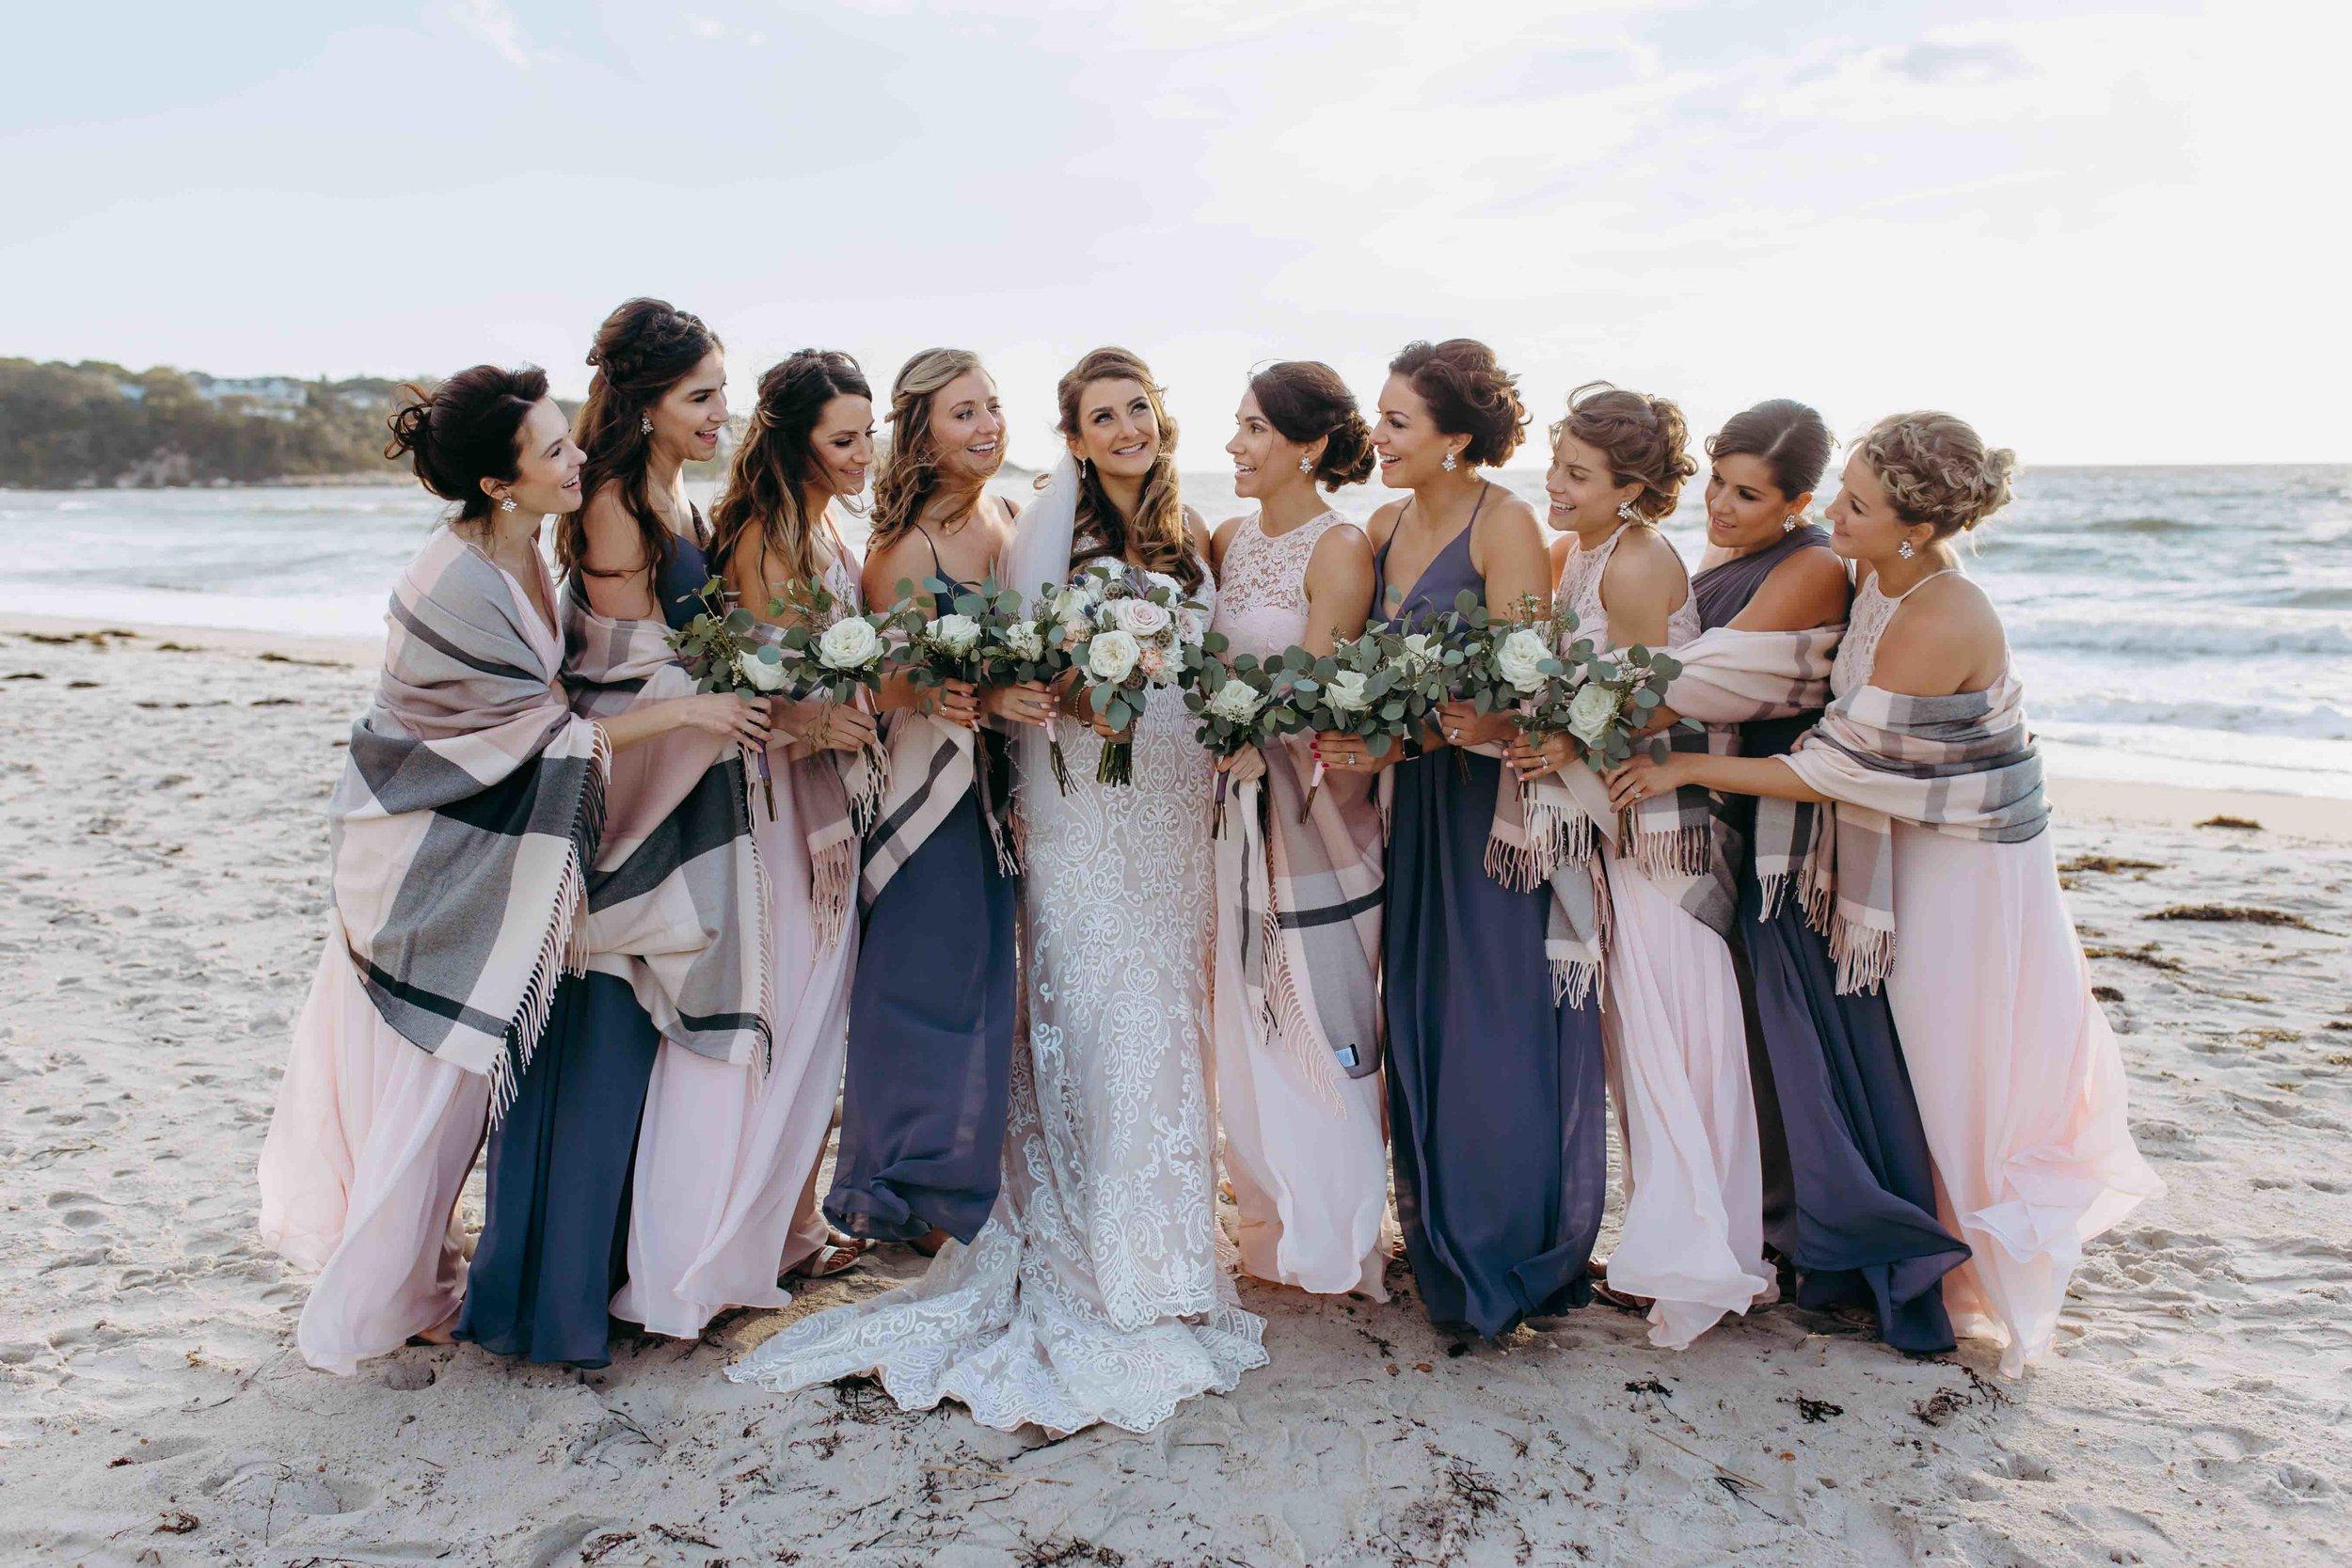 10-20-18_Greer Wedding_196.jpg